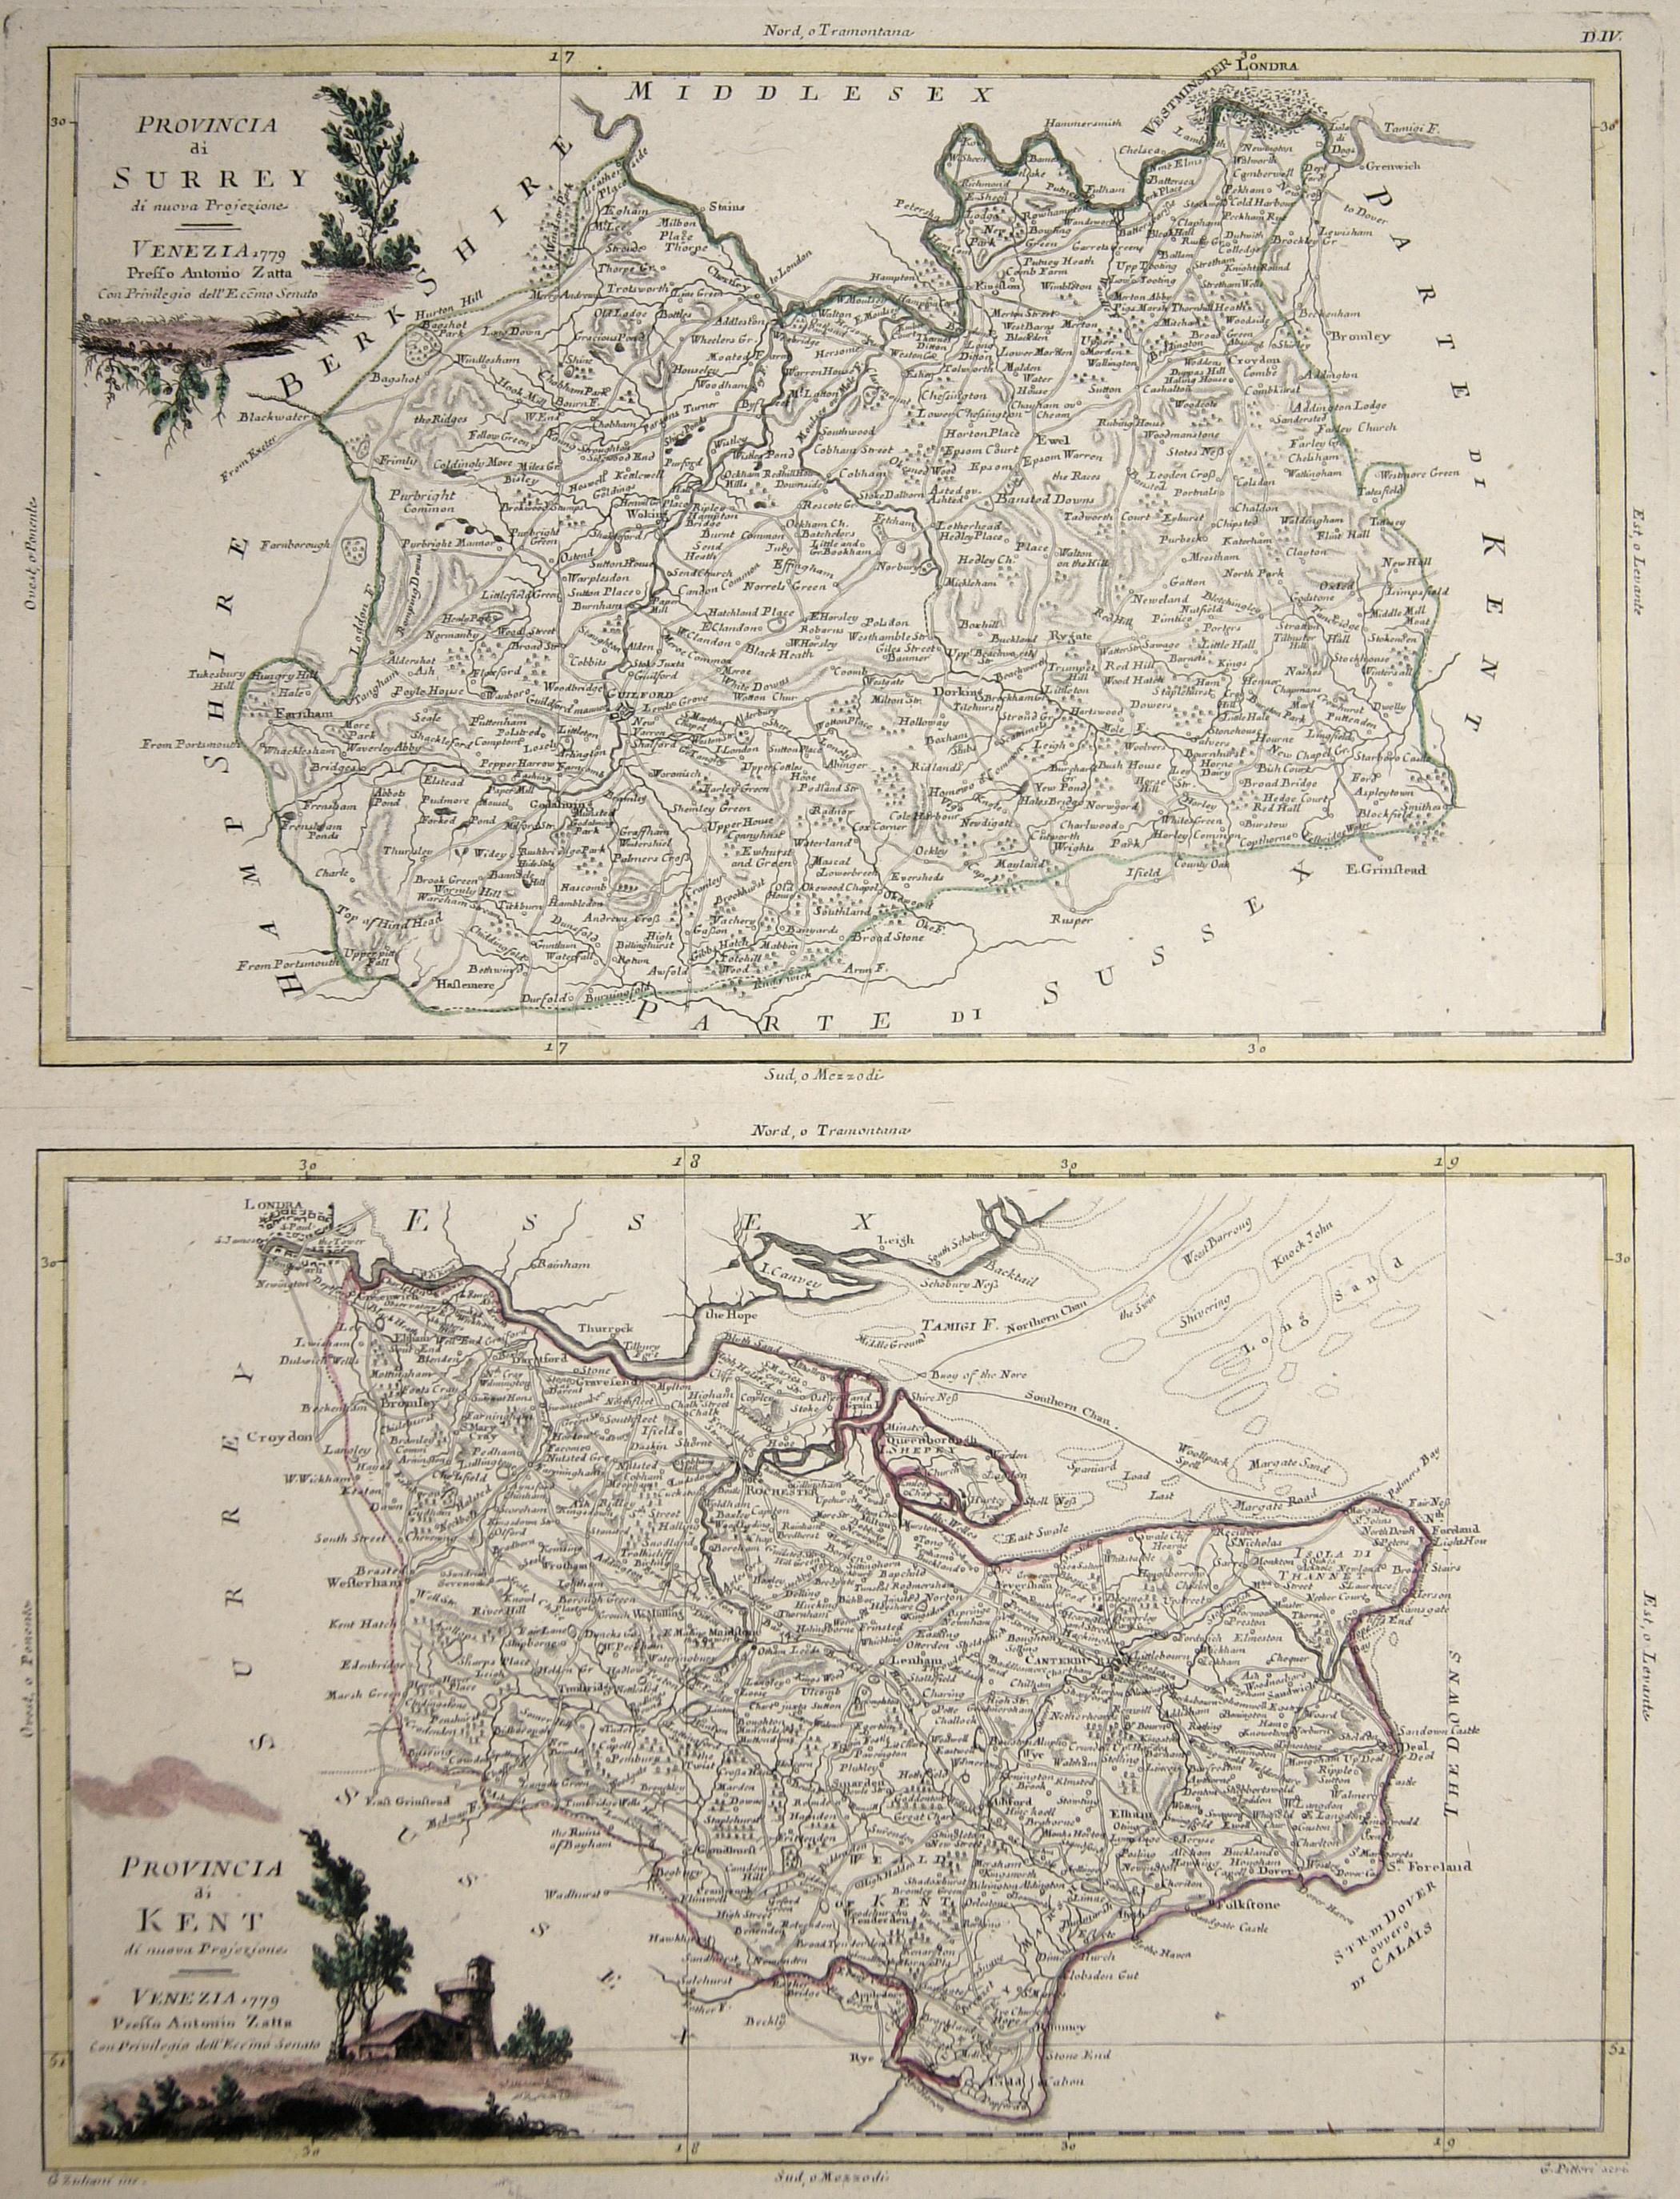 Zatta Antonio Provincia di Surrey / Provincia di Kent